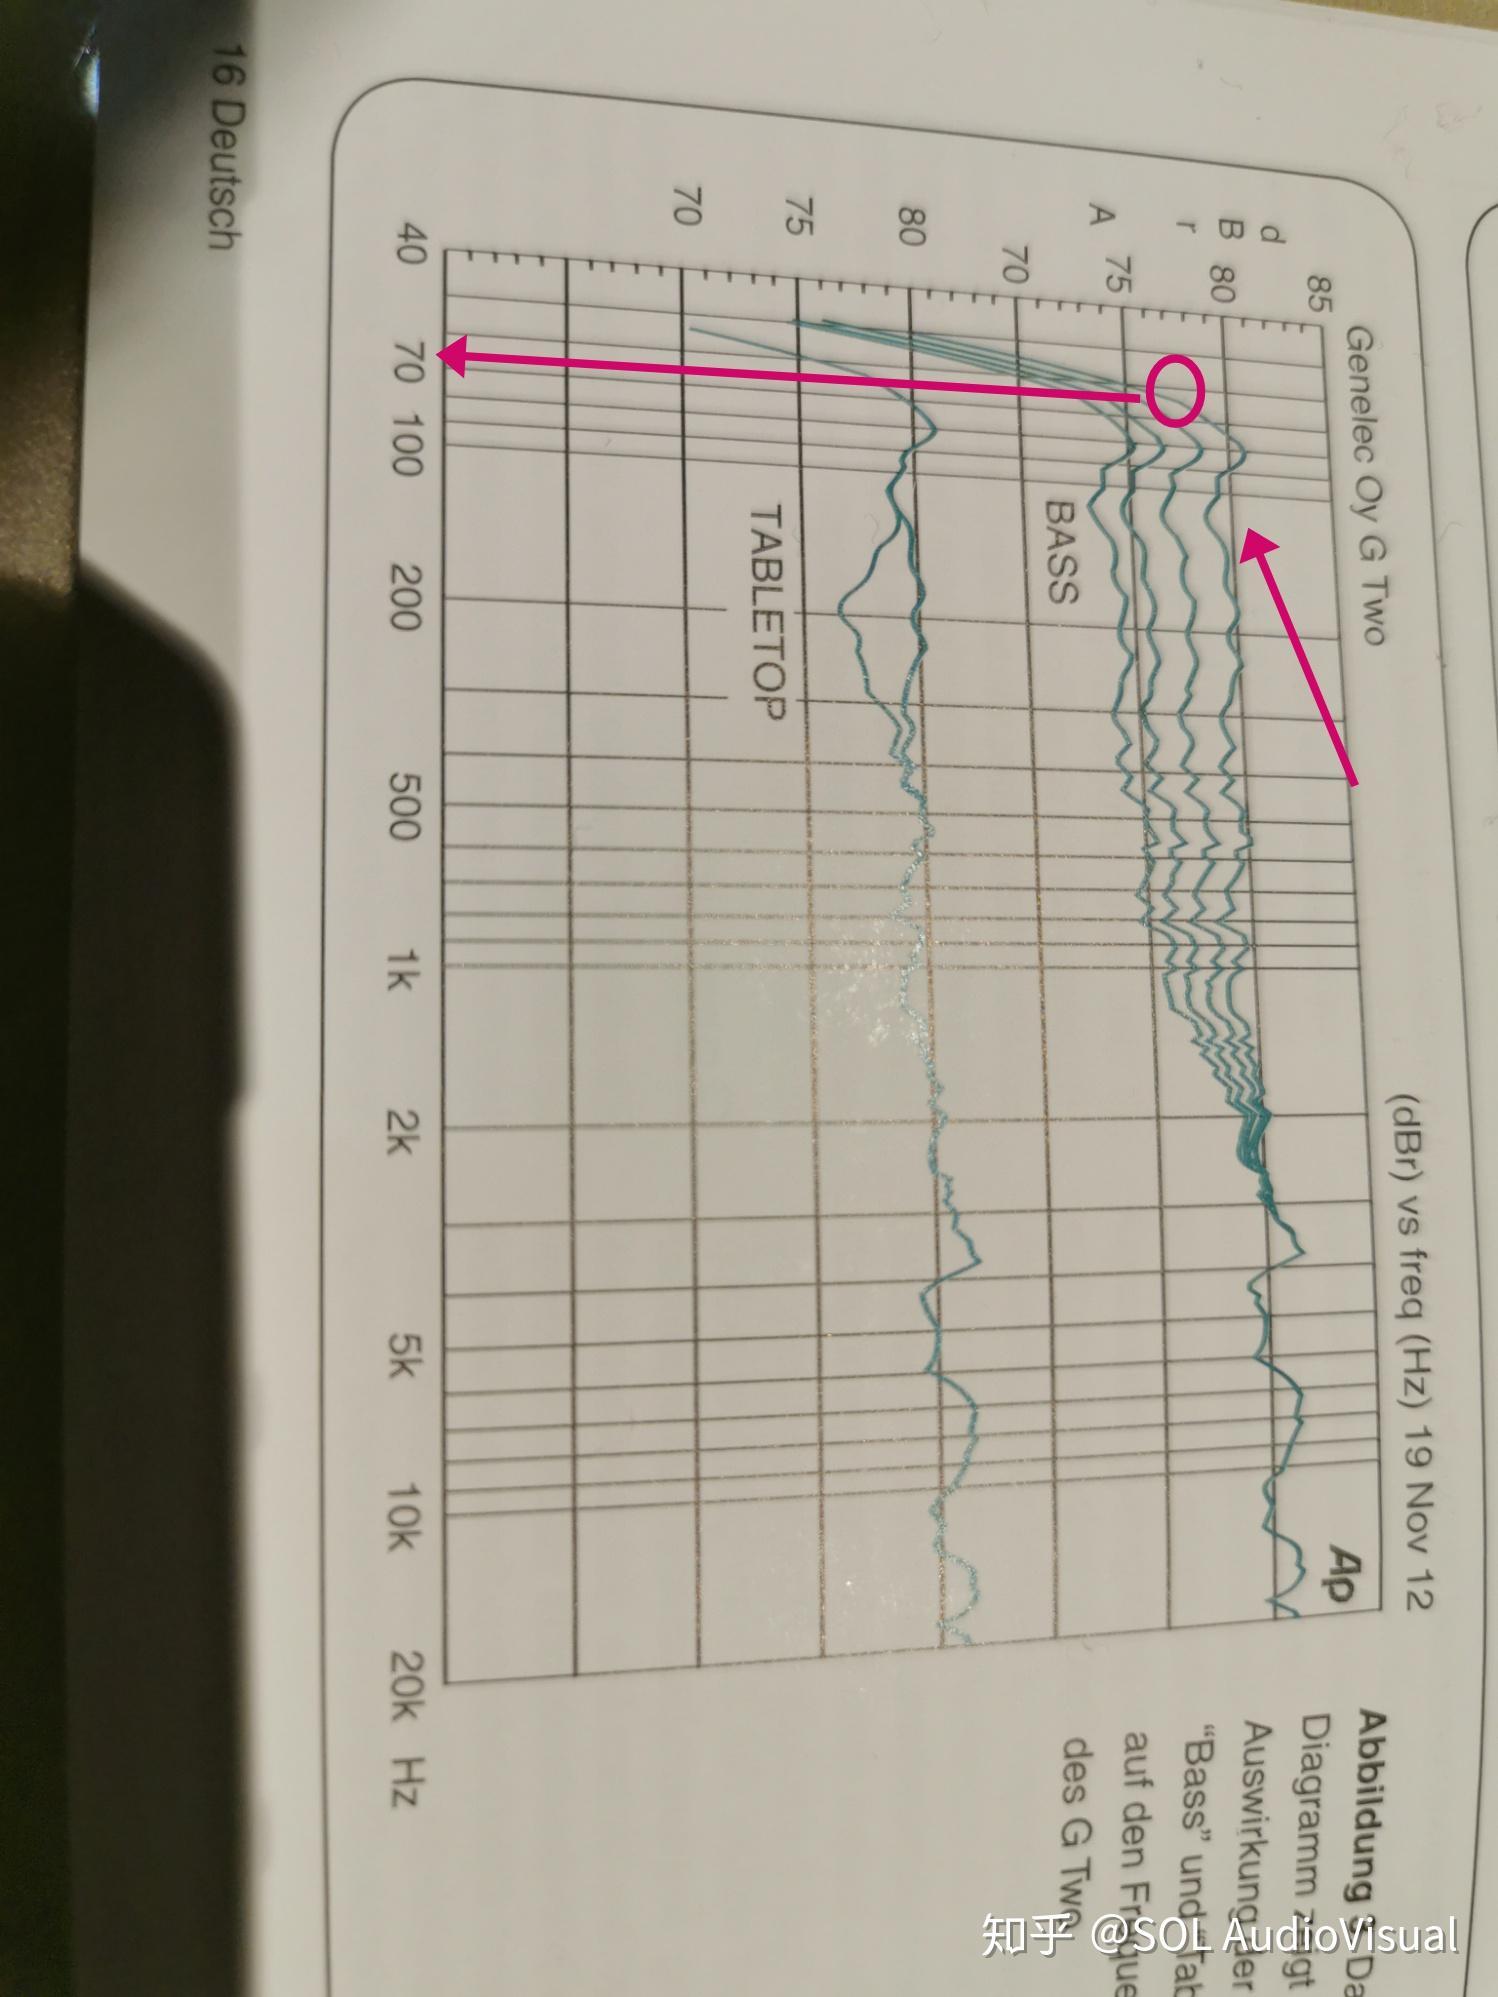 hi是什么意思_开口箱的截止频率f3是什么意思,是越低越好么? - 知乎